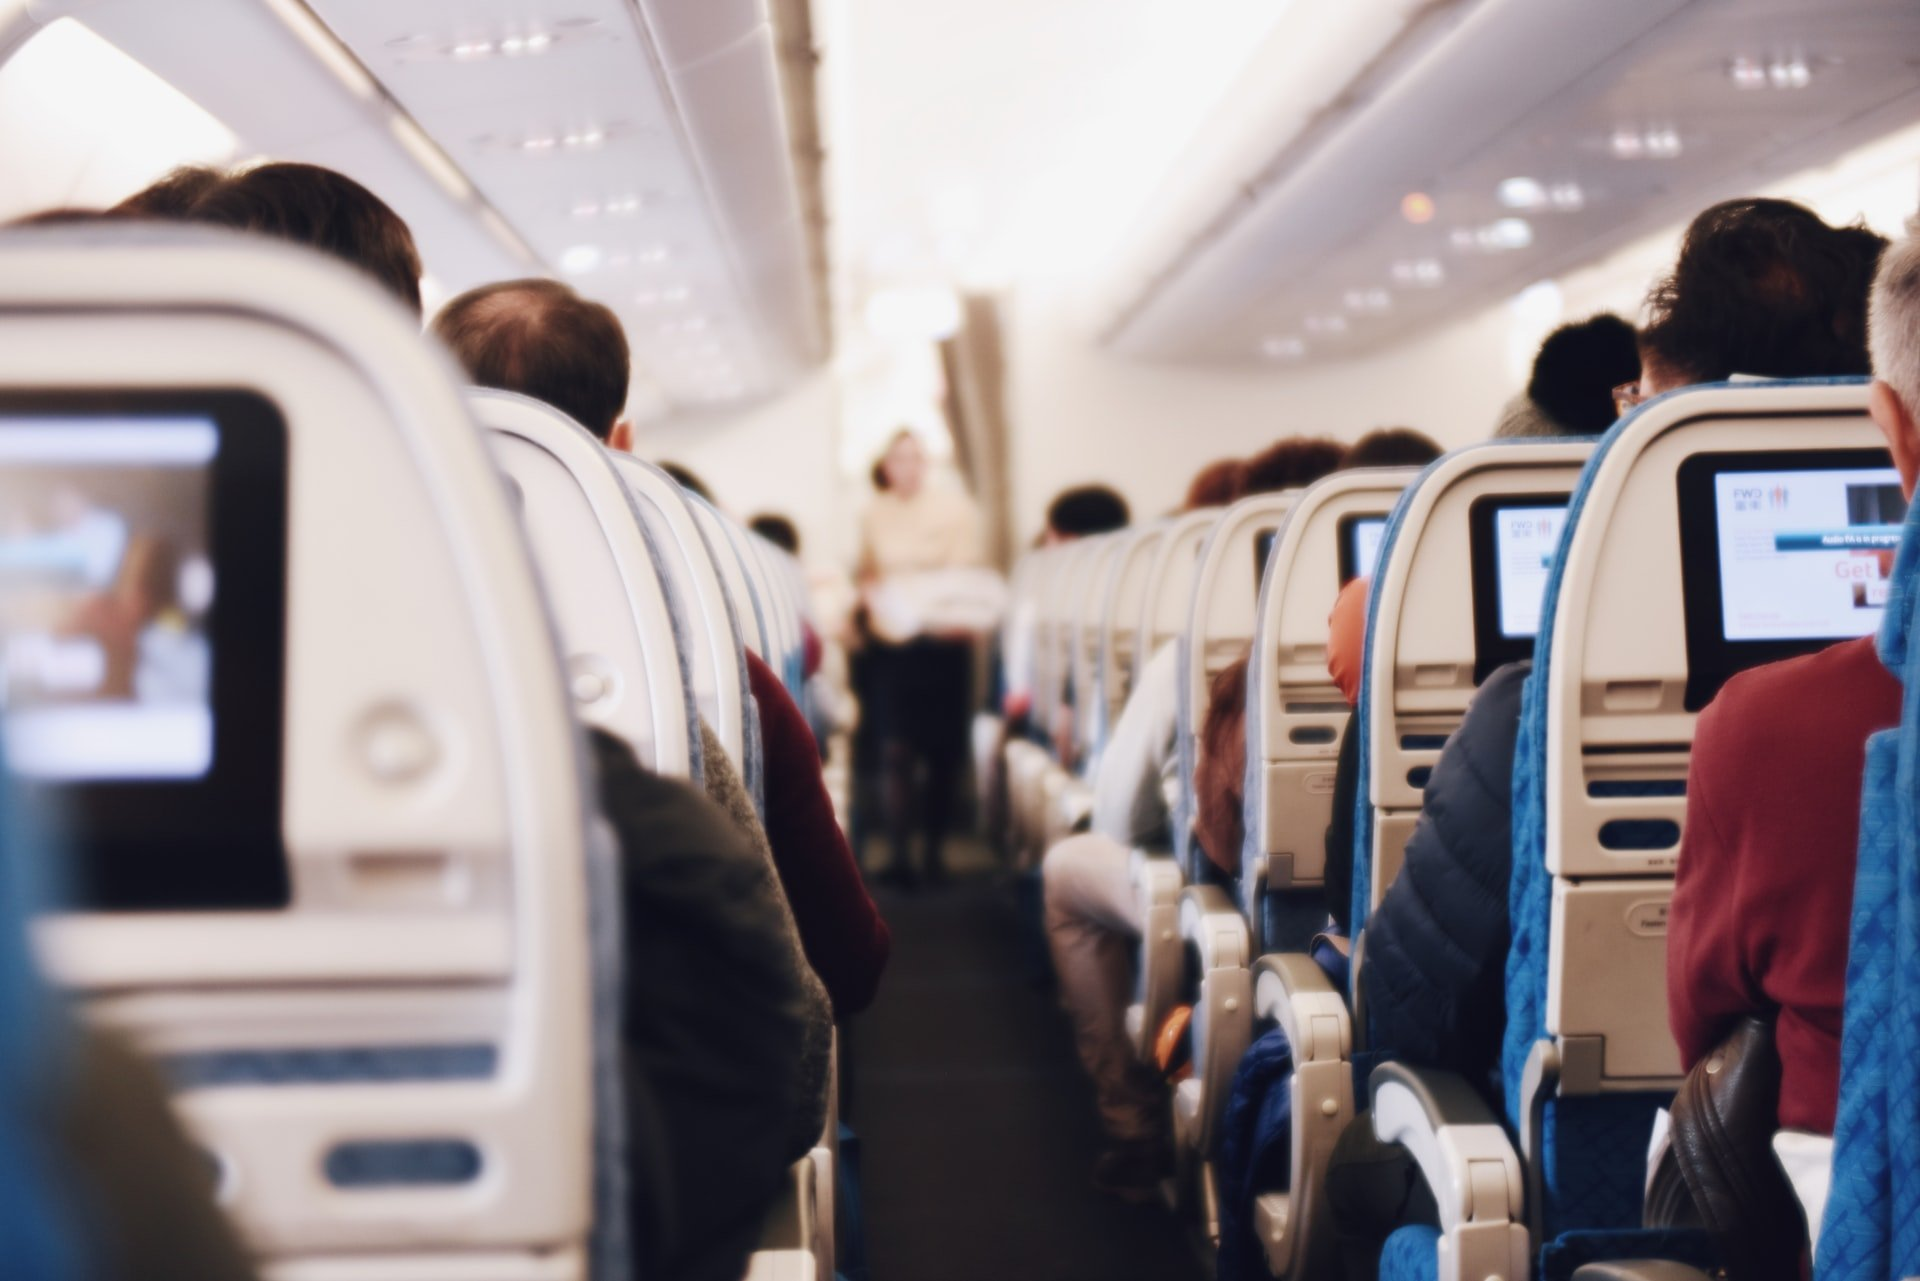 Viagens sem toque? Confira tendência para o mundo pós-pandemia